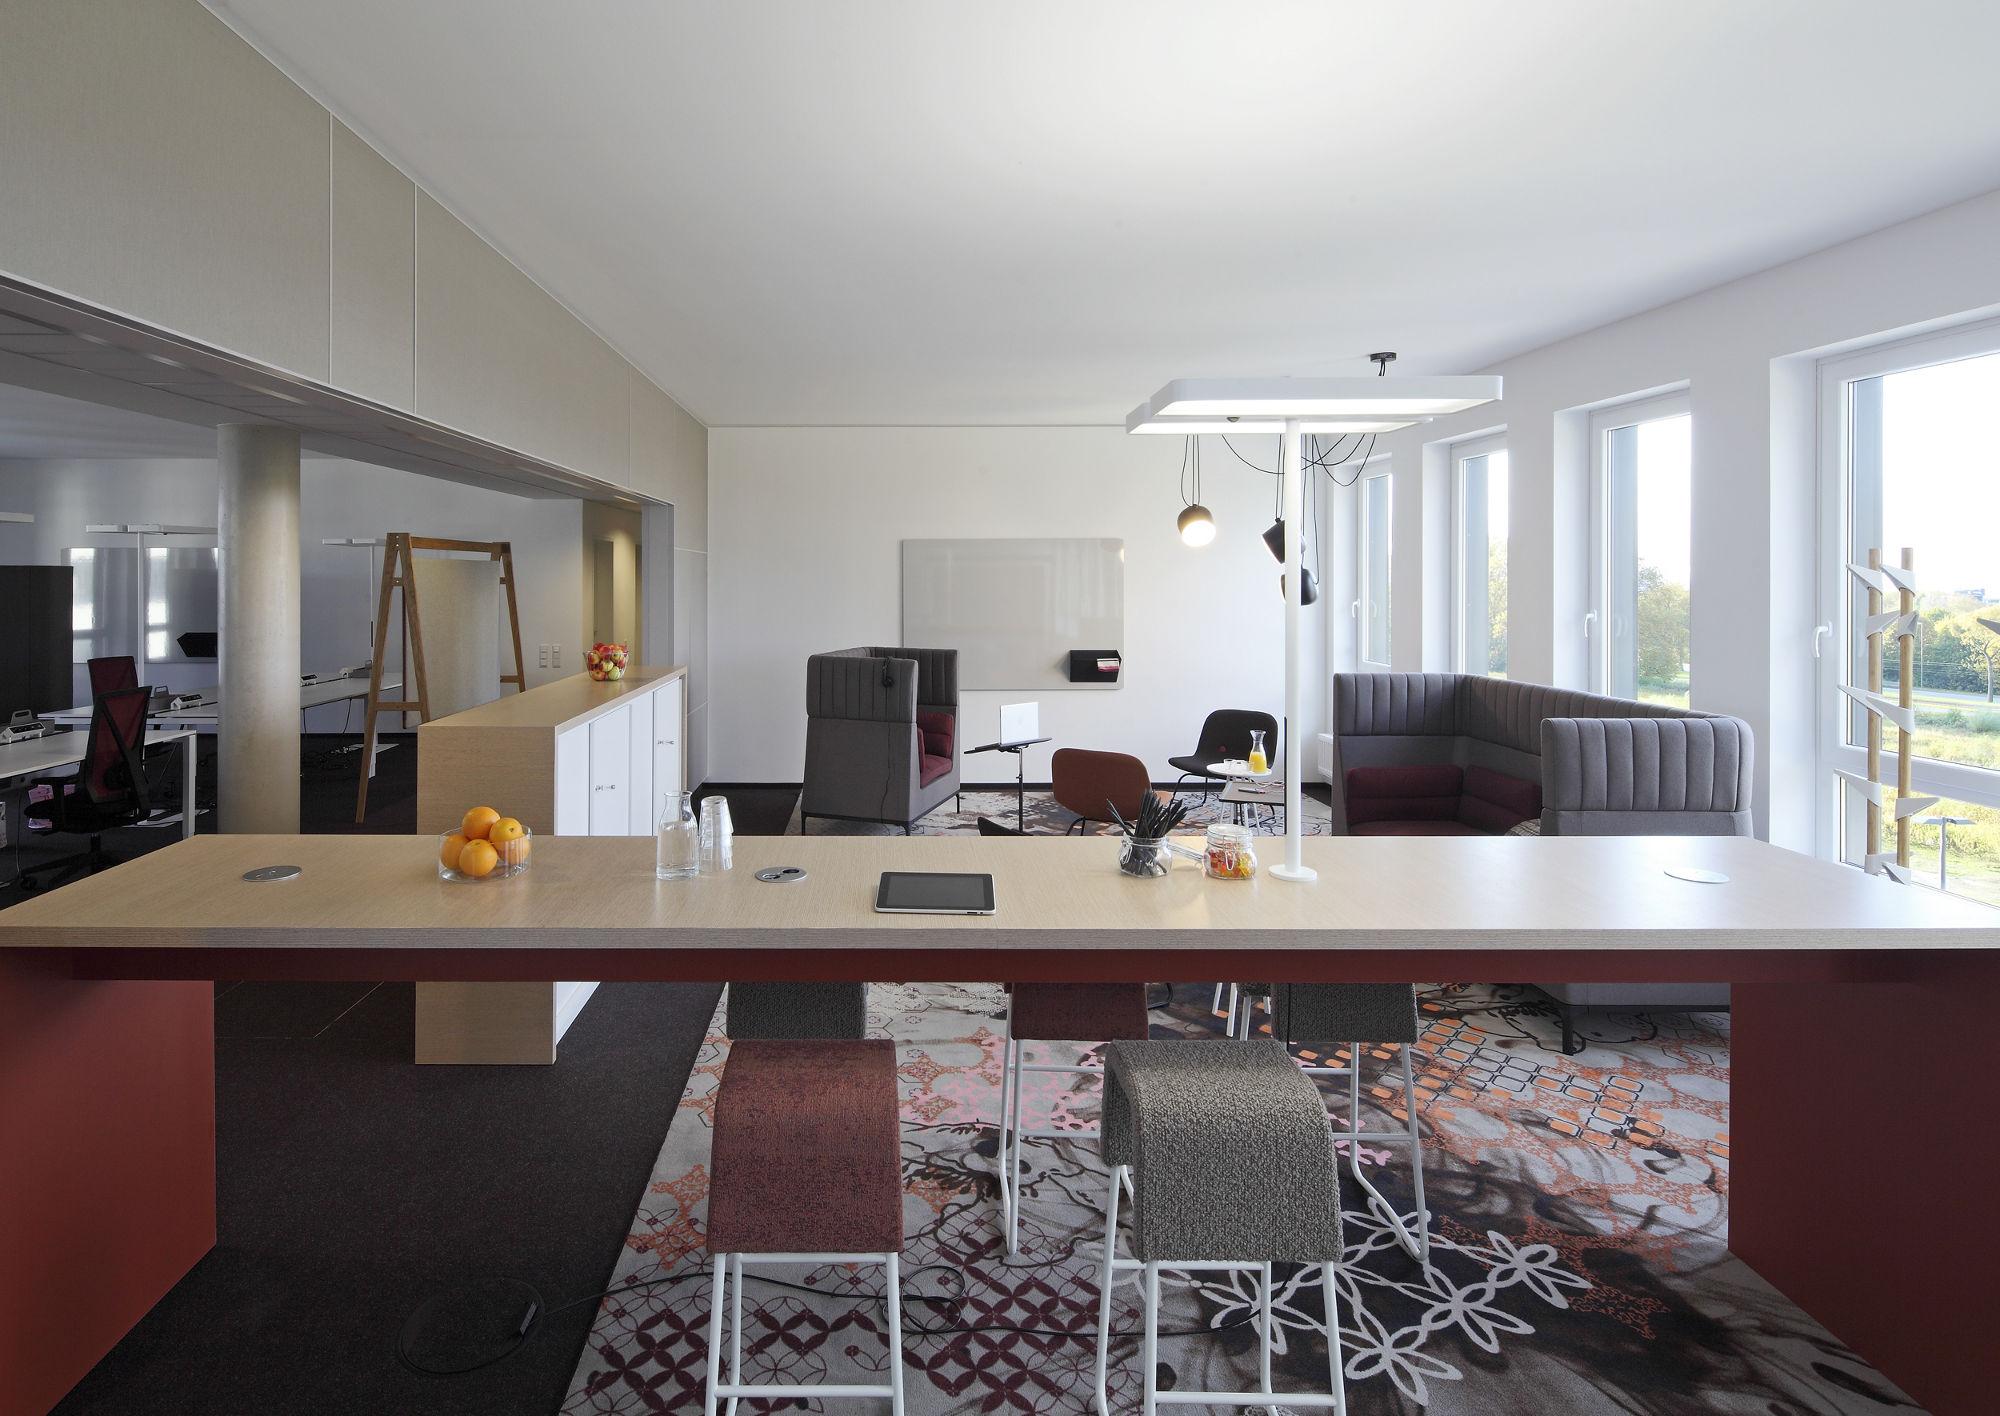 B ros legno werkst tte f r holzarbeiten for Wohnzimmer cafe dortmund